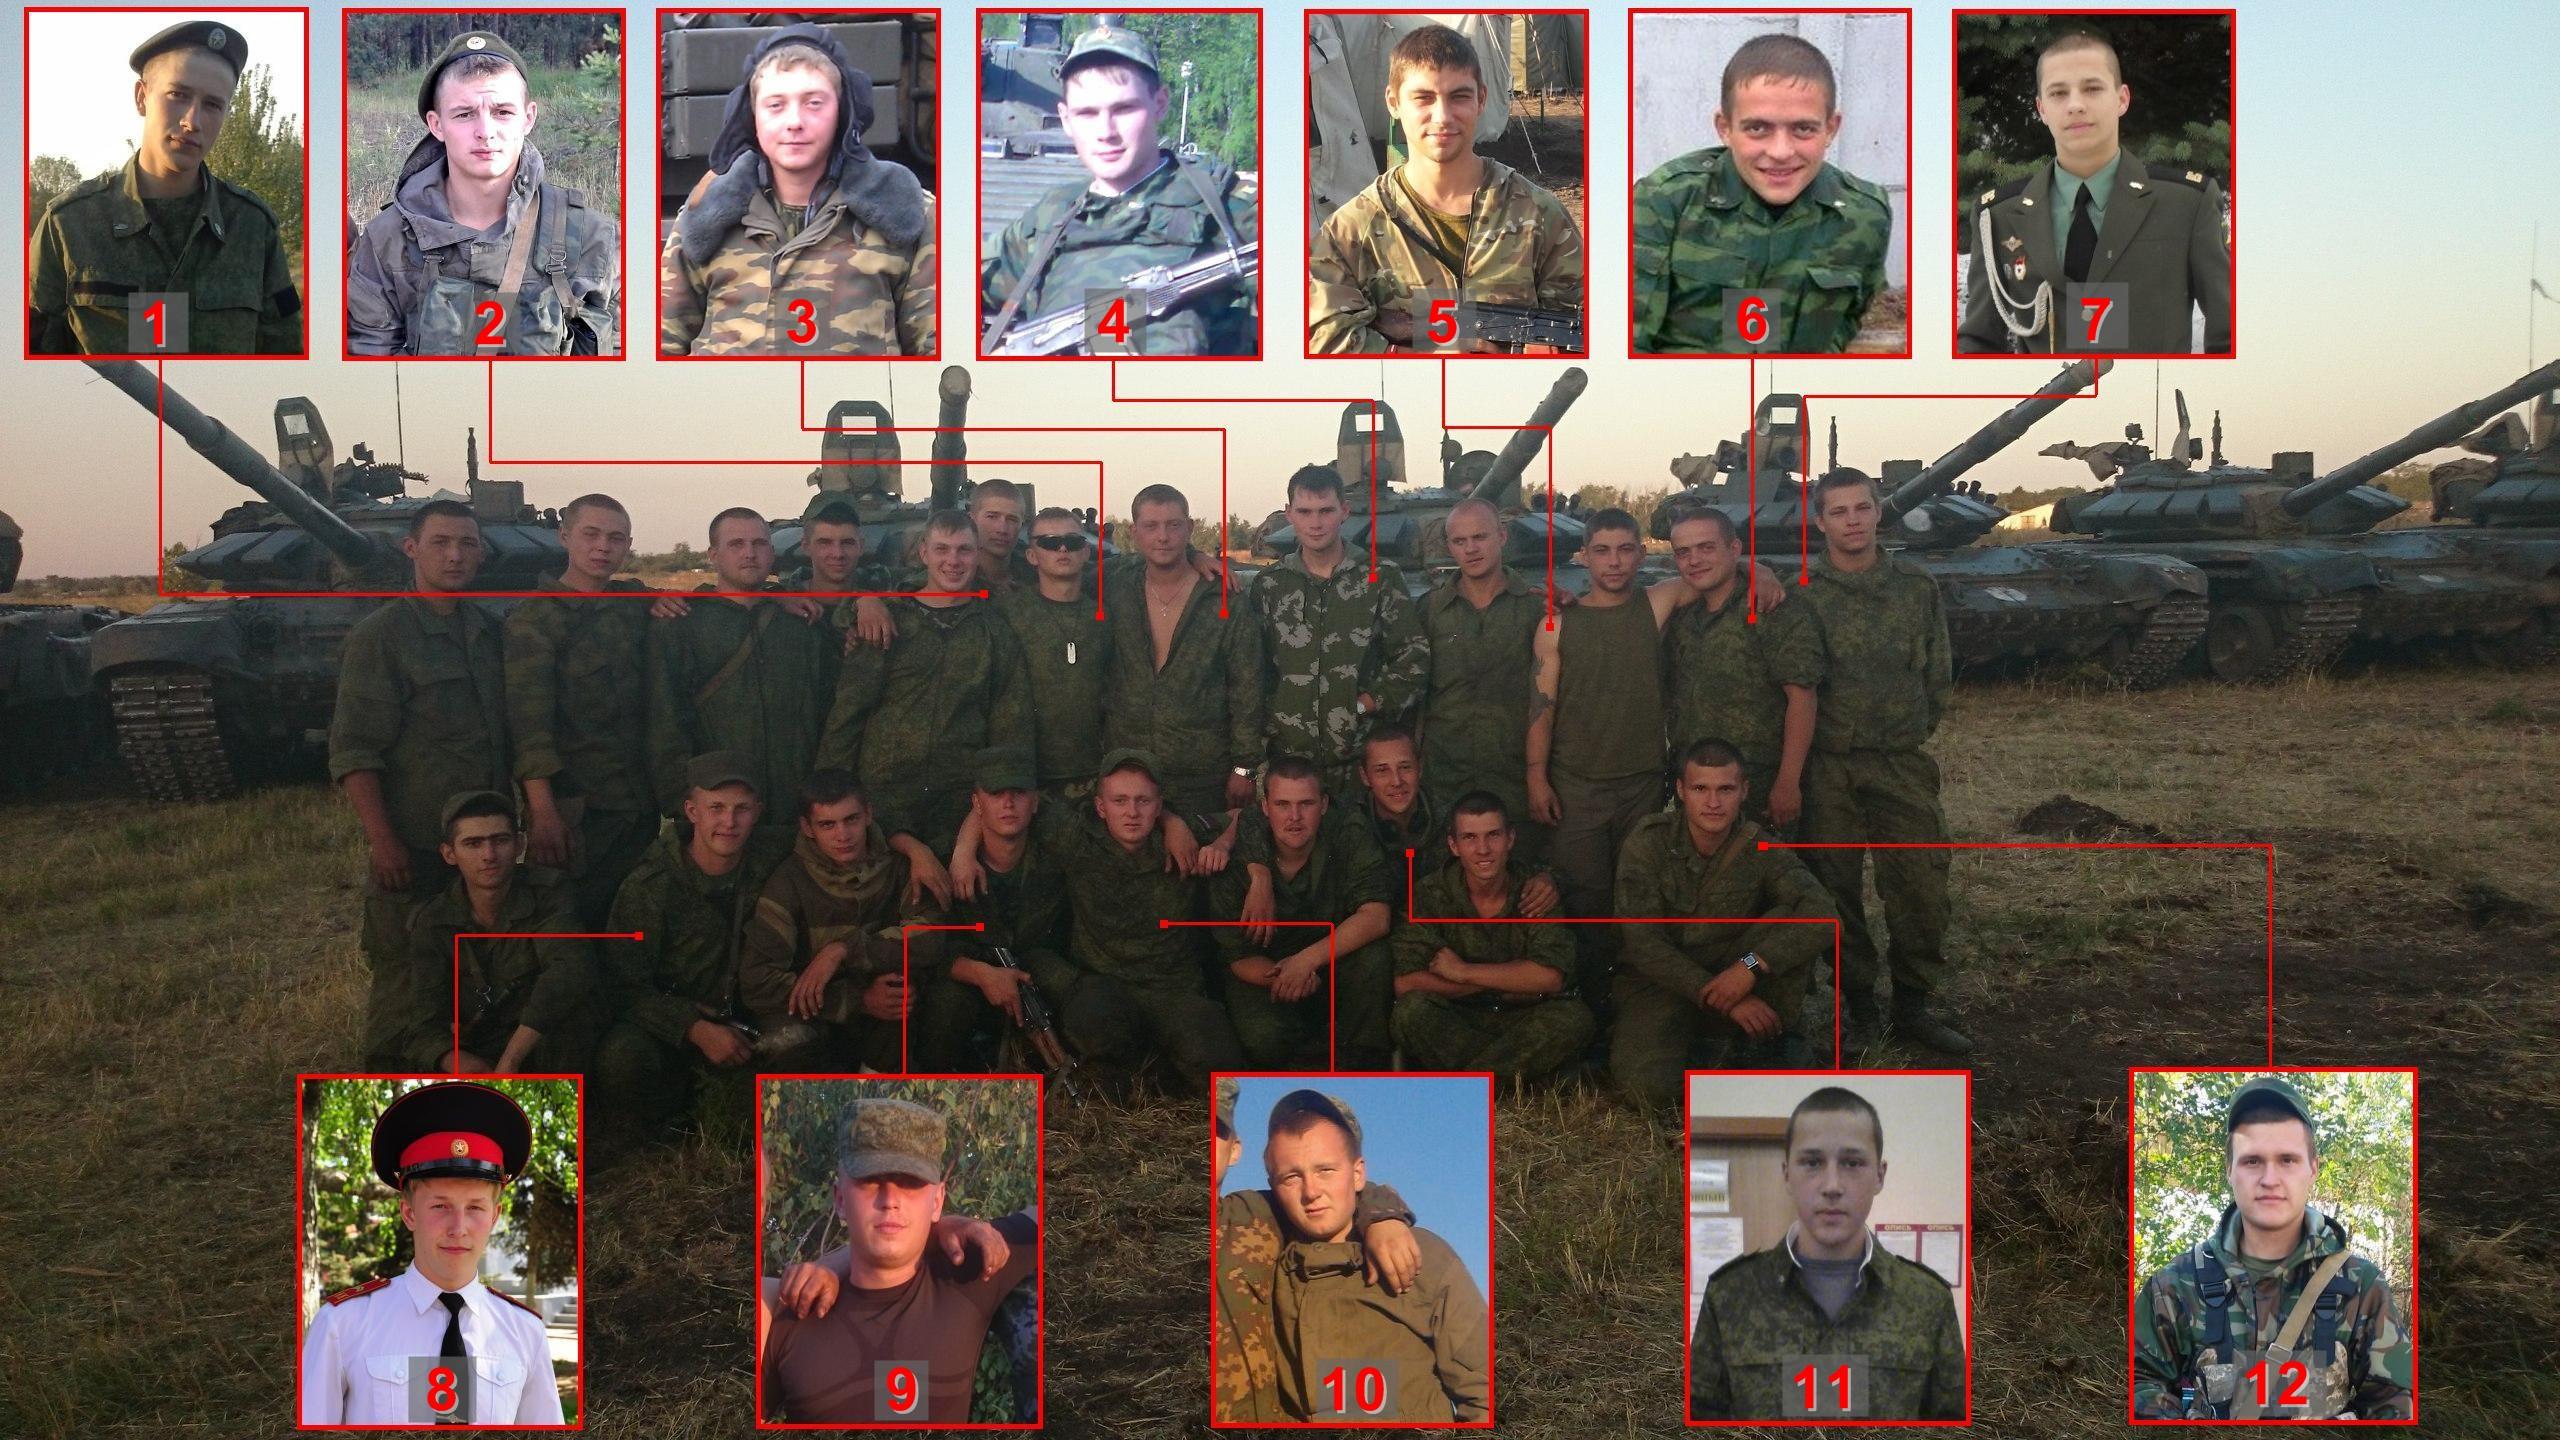 Обсуждение ситуации в украине - часть 1, архив